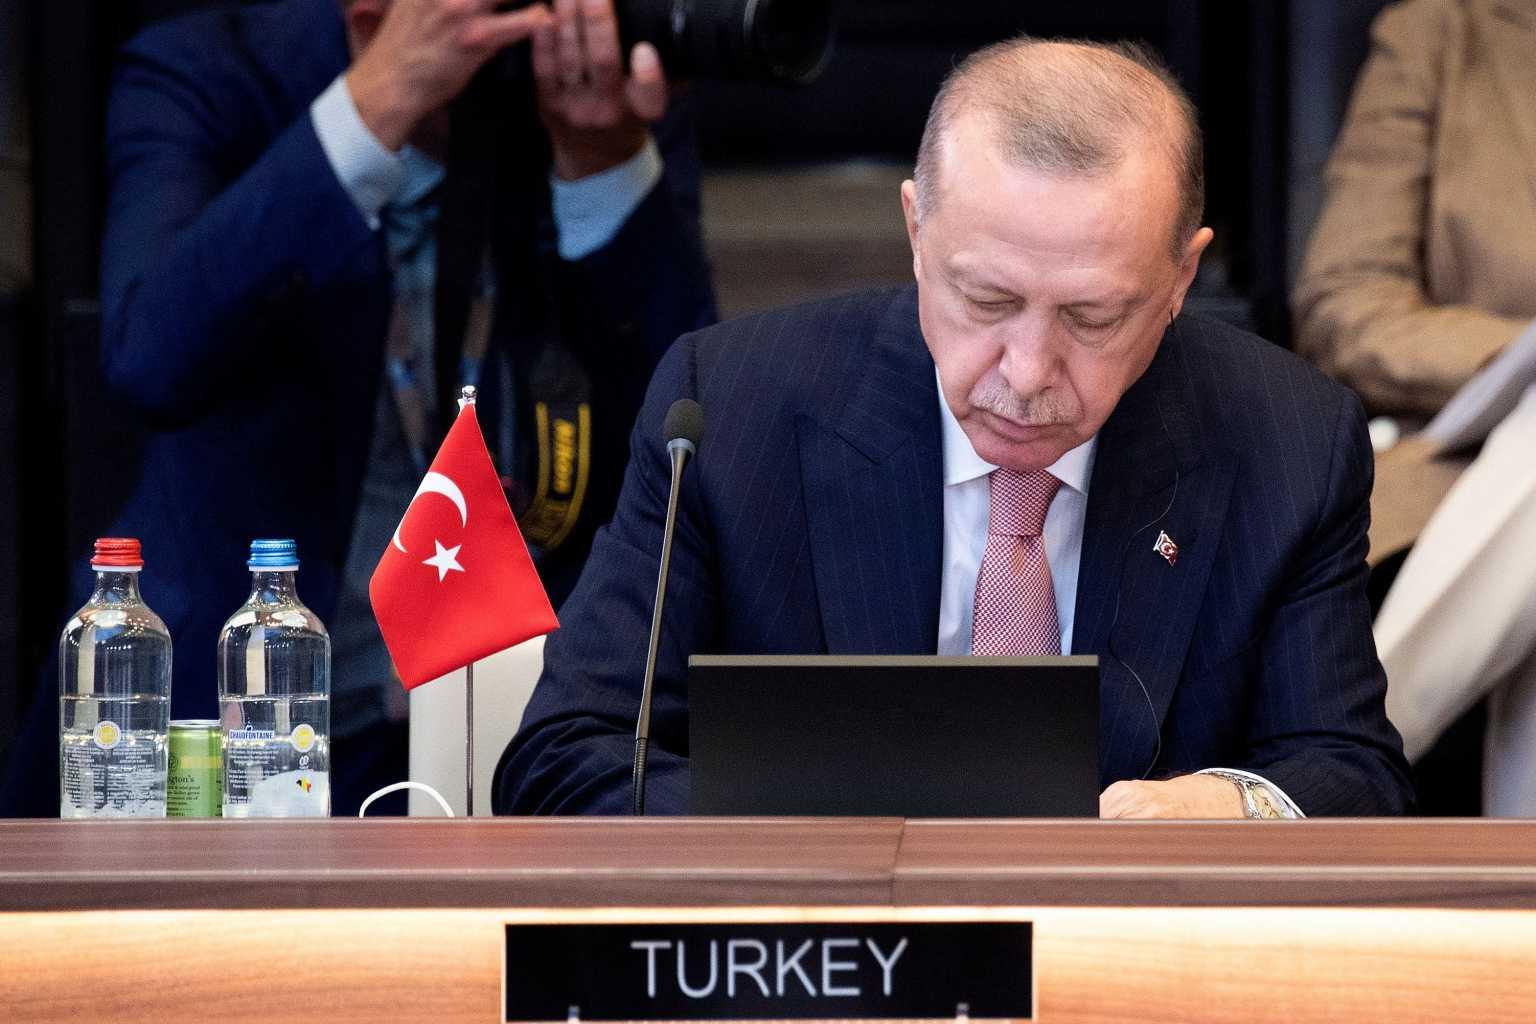 Σύνοδος ΝΑΤΟ: Κλάδος ελαίας από Ερντογάν πριν τη συνάντηση με Μητσοτάκη